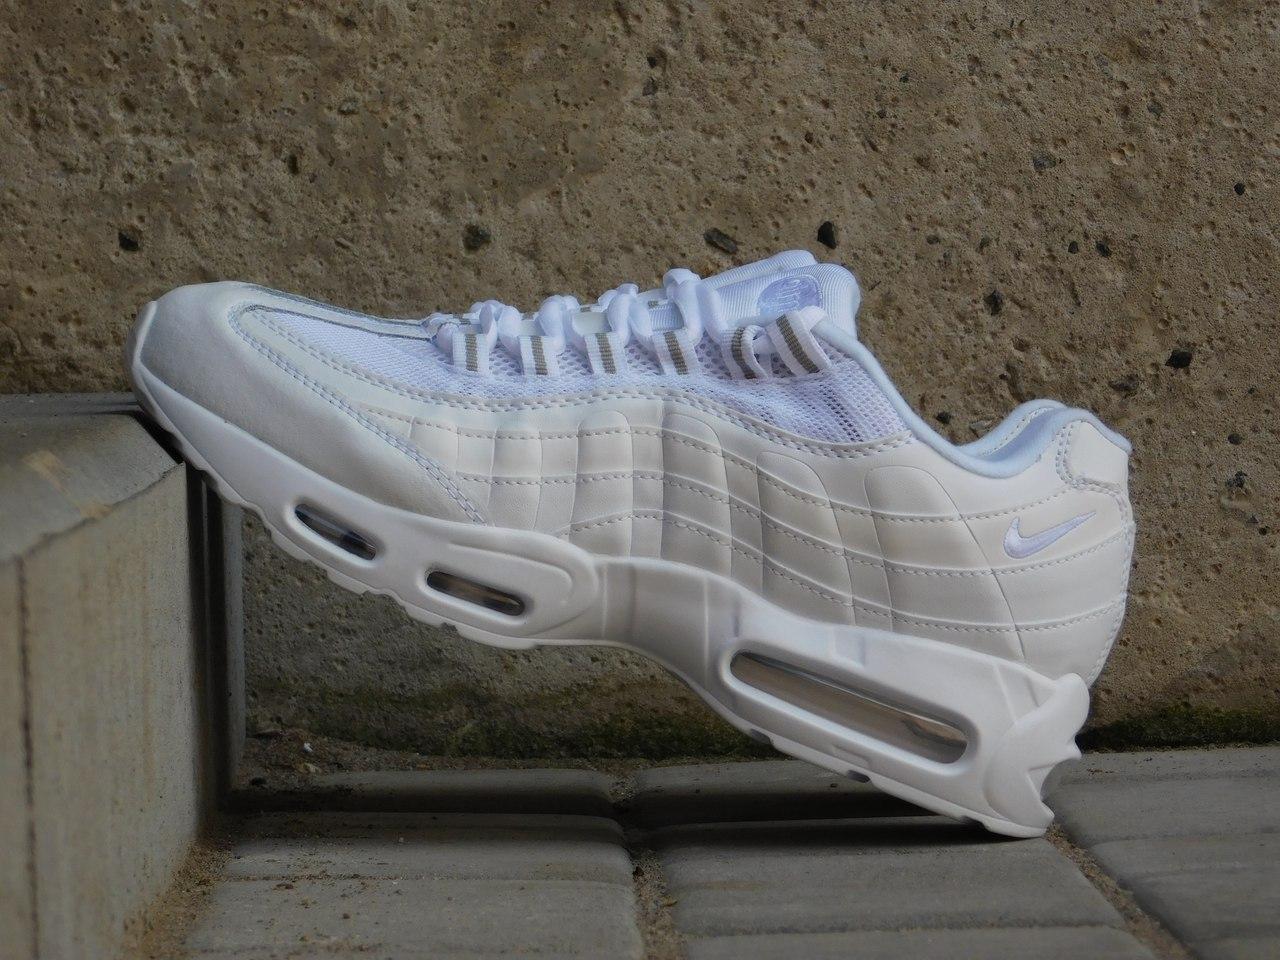 Мужские Кроссовки Nike Air Max 95 есть в цветах код 10257ю - Интернет-магазин  обуви 33a883d168275